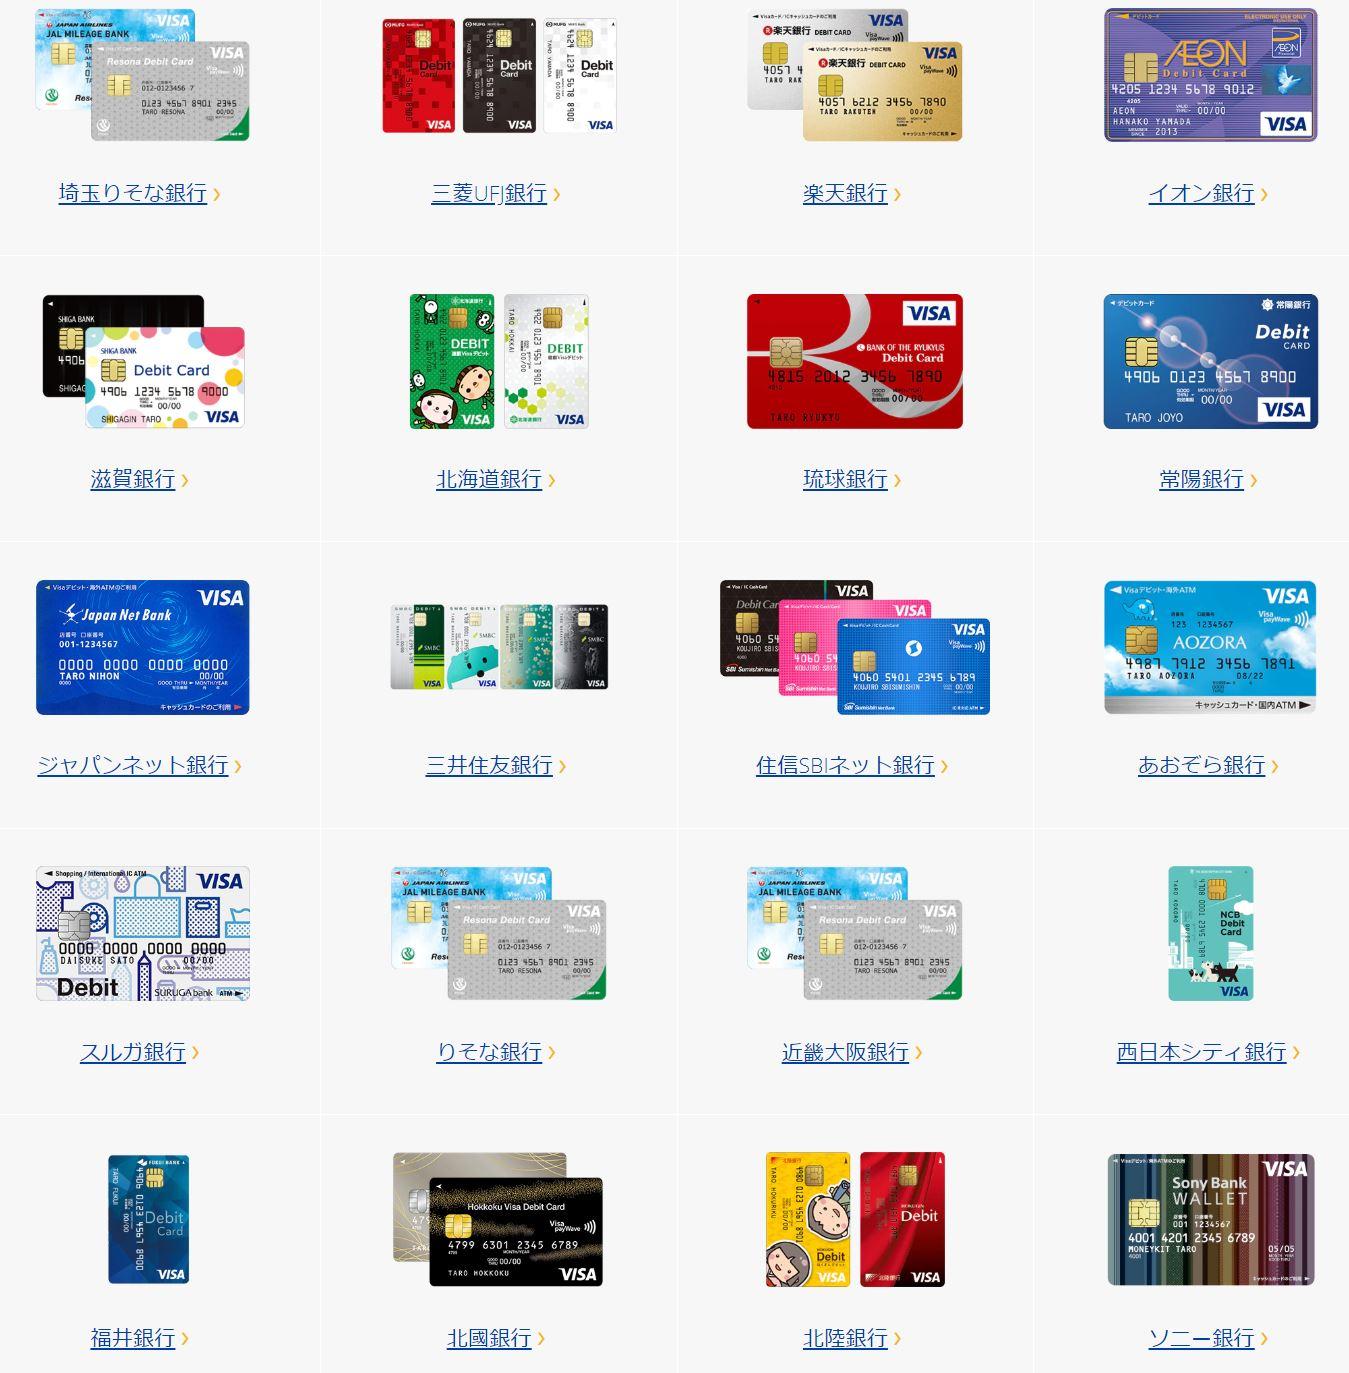 Amazonギフト券10,000円分をプレゼント!VisaデビットとVisaタッチ決済のキャンペーン実施中